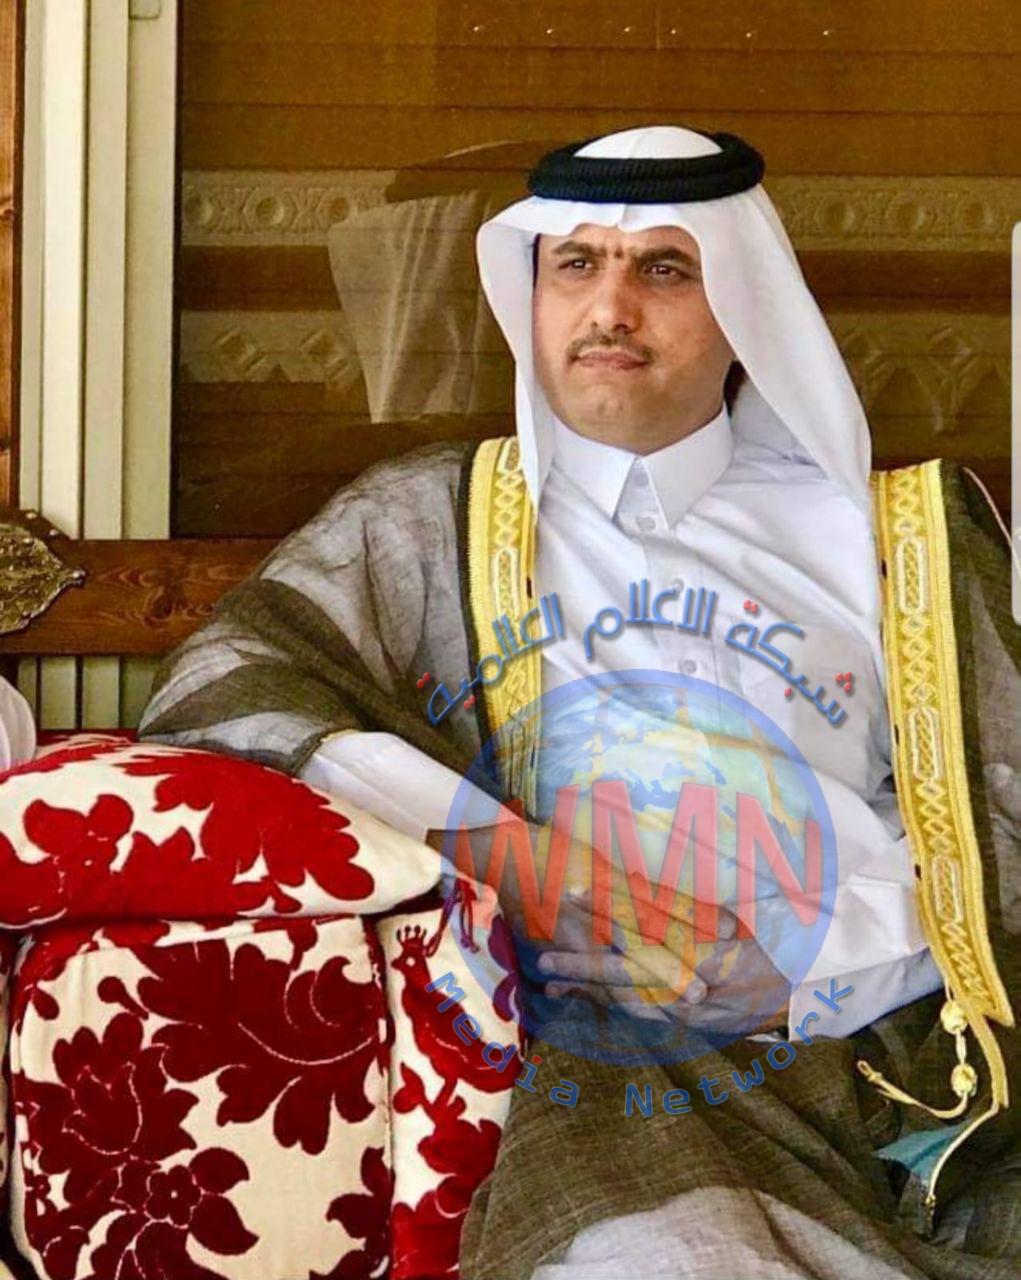 """شيخ عشيرة الصرايفيين في البصرة يعلن دعمه لحملة""""جرعة امل"""" الخاصة بدعم مرضى السرطان"""